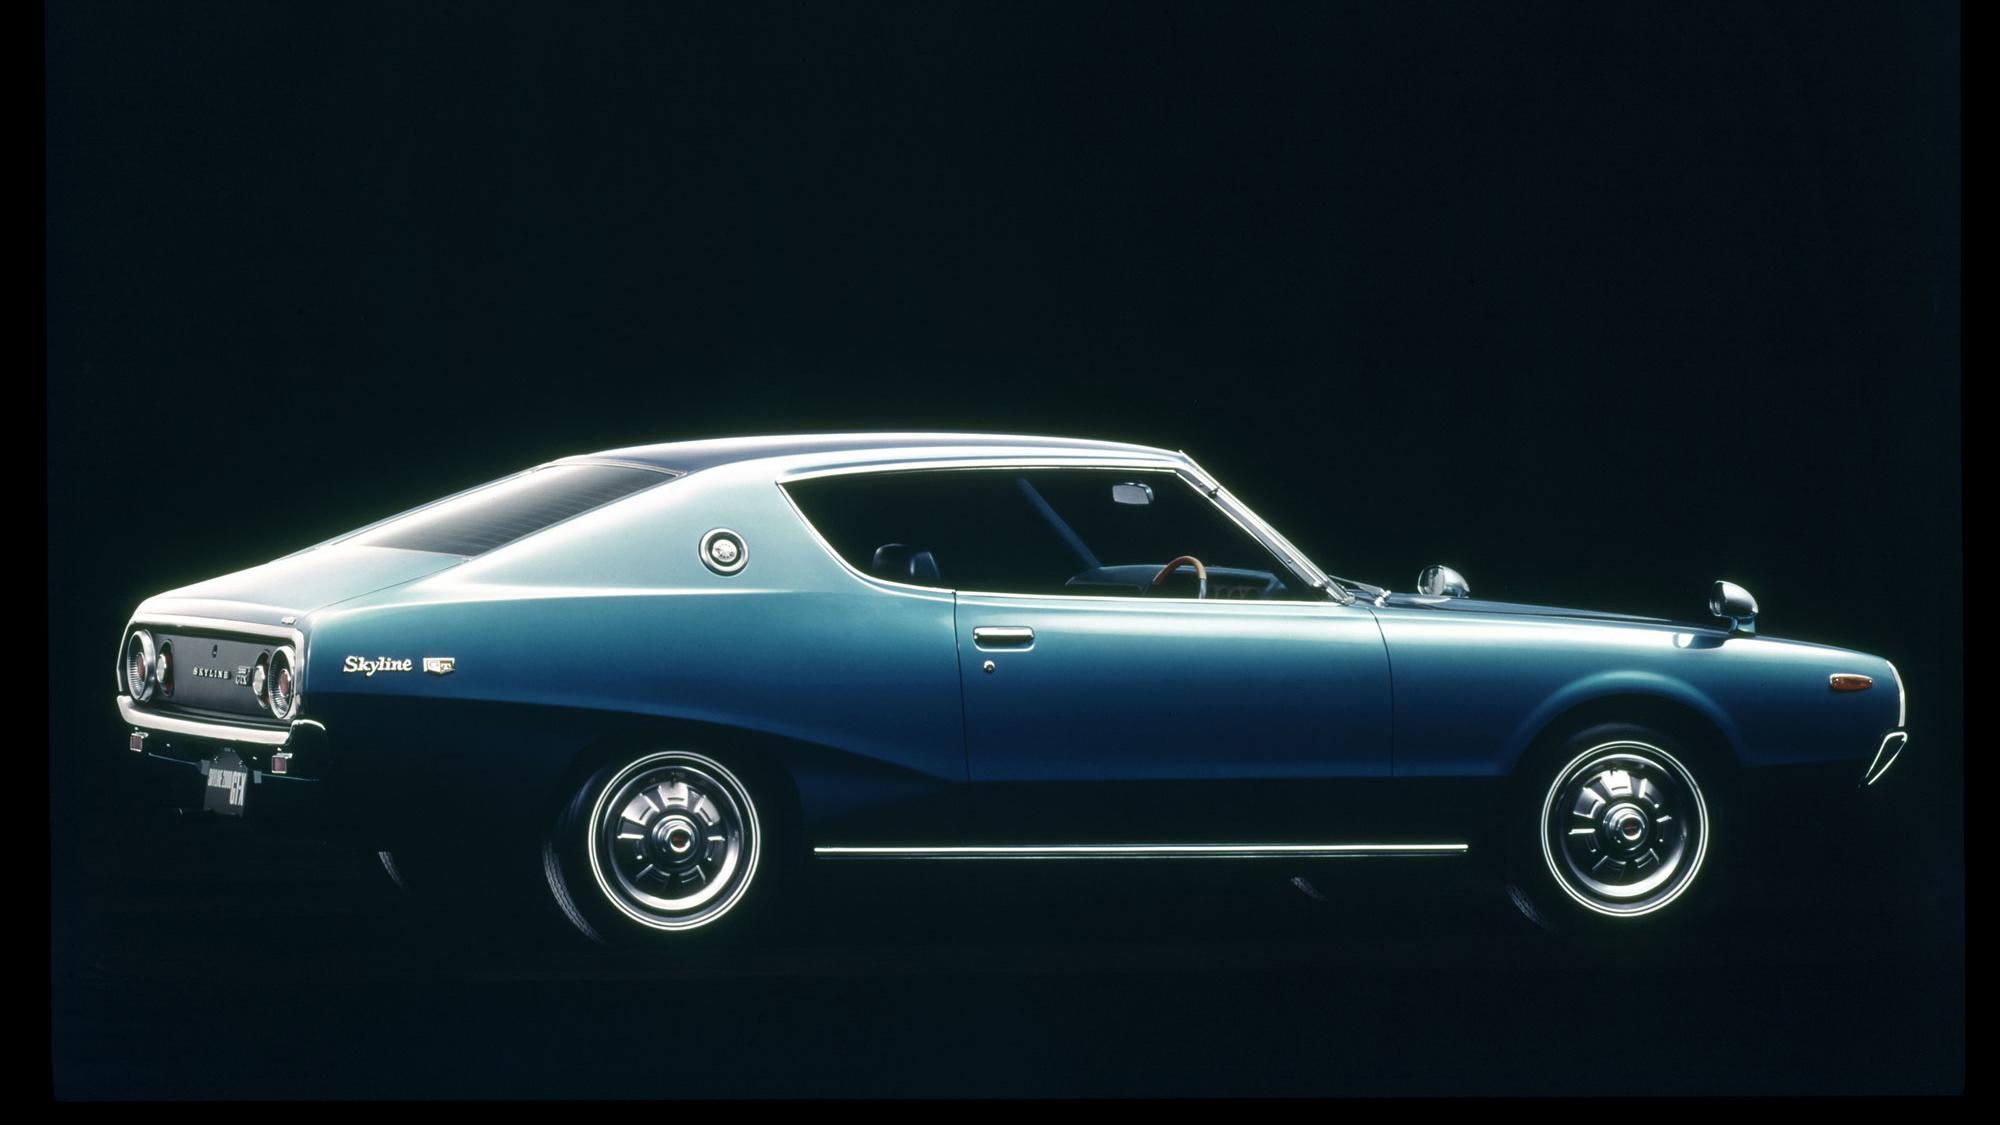 日産「スカイライン」の60年、全モデルを写真で振り返る② - 1972_2000GT-X_KGC110_01